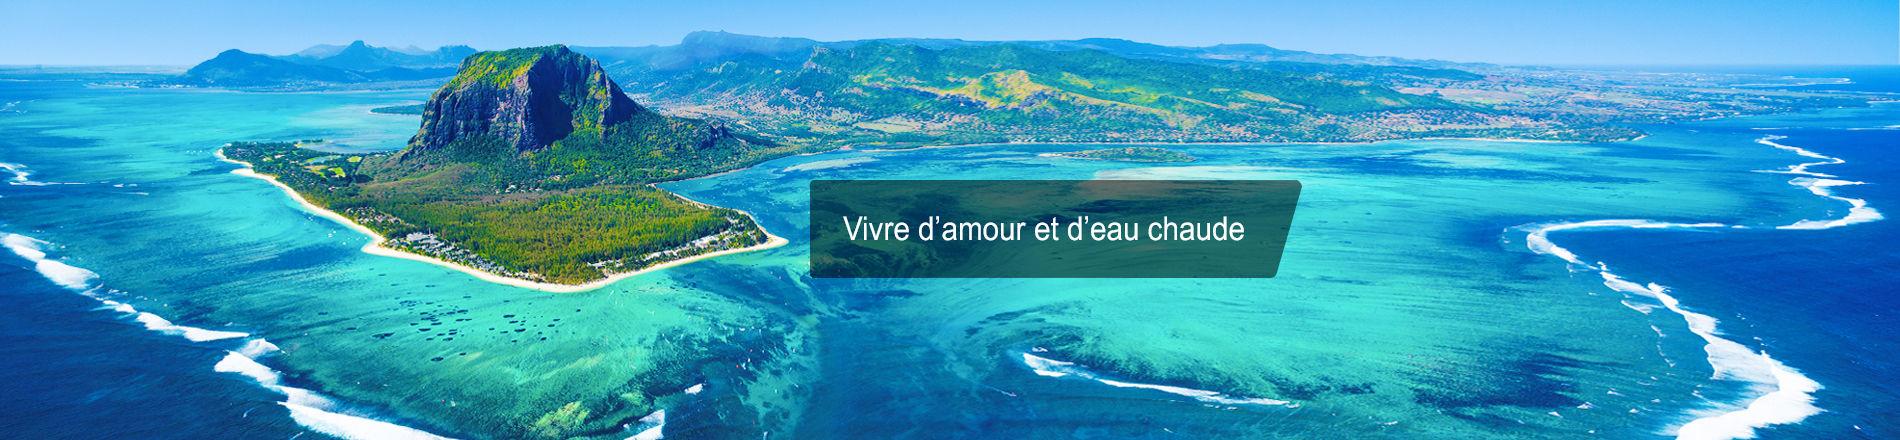 Nos séjours lointains : Seychelles, île Maurice, Thaïlande, Polynésie, République Dominicaine...